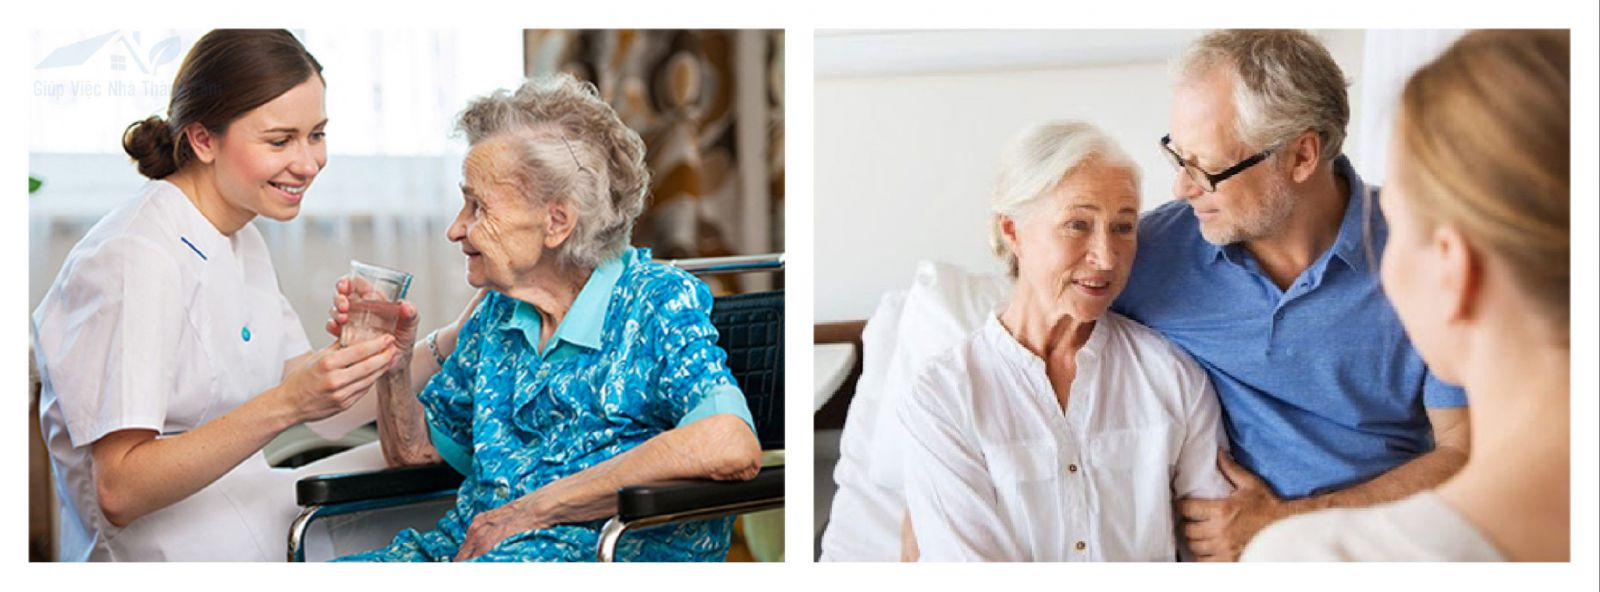 Dịch vụ chăm sóc người già tại quận 4